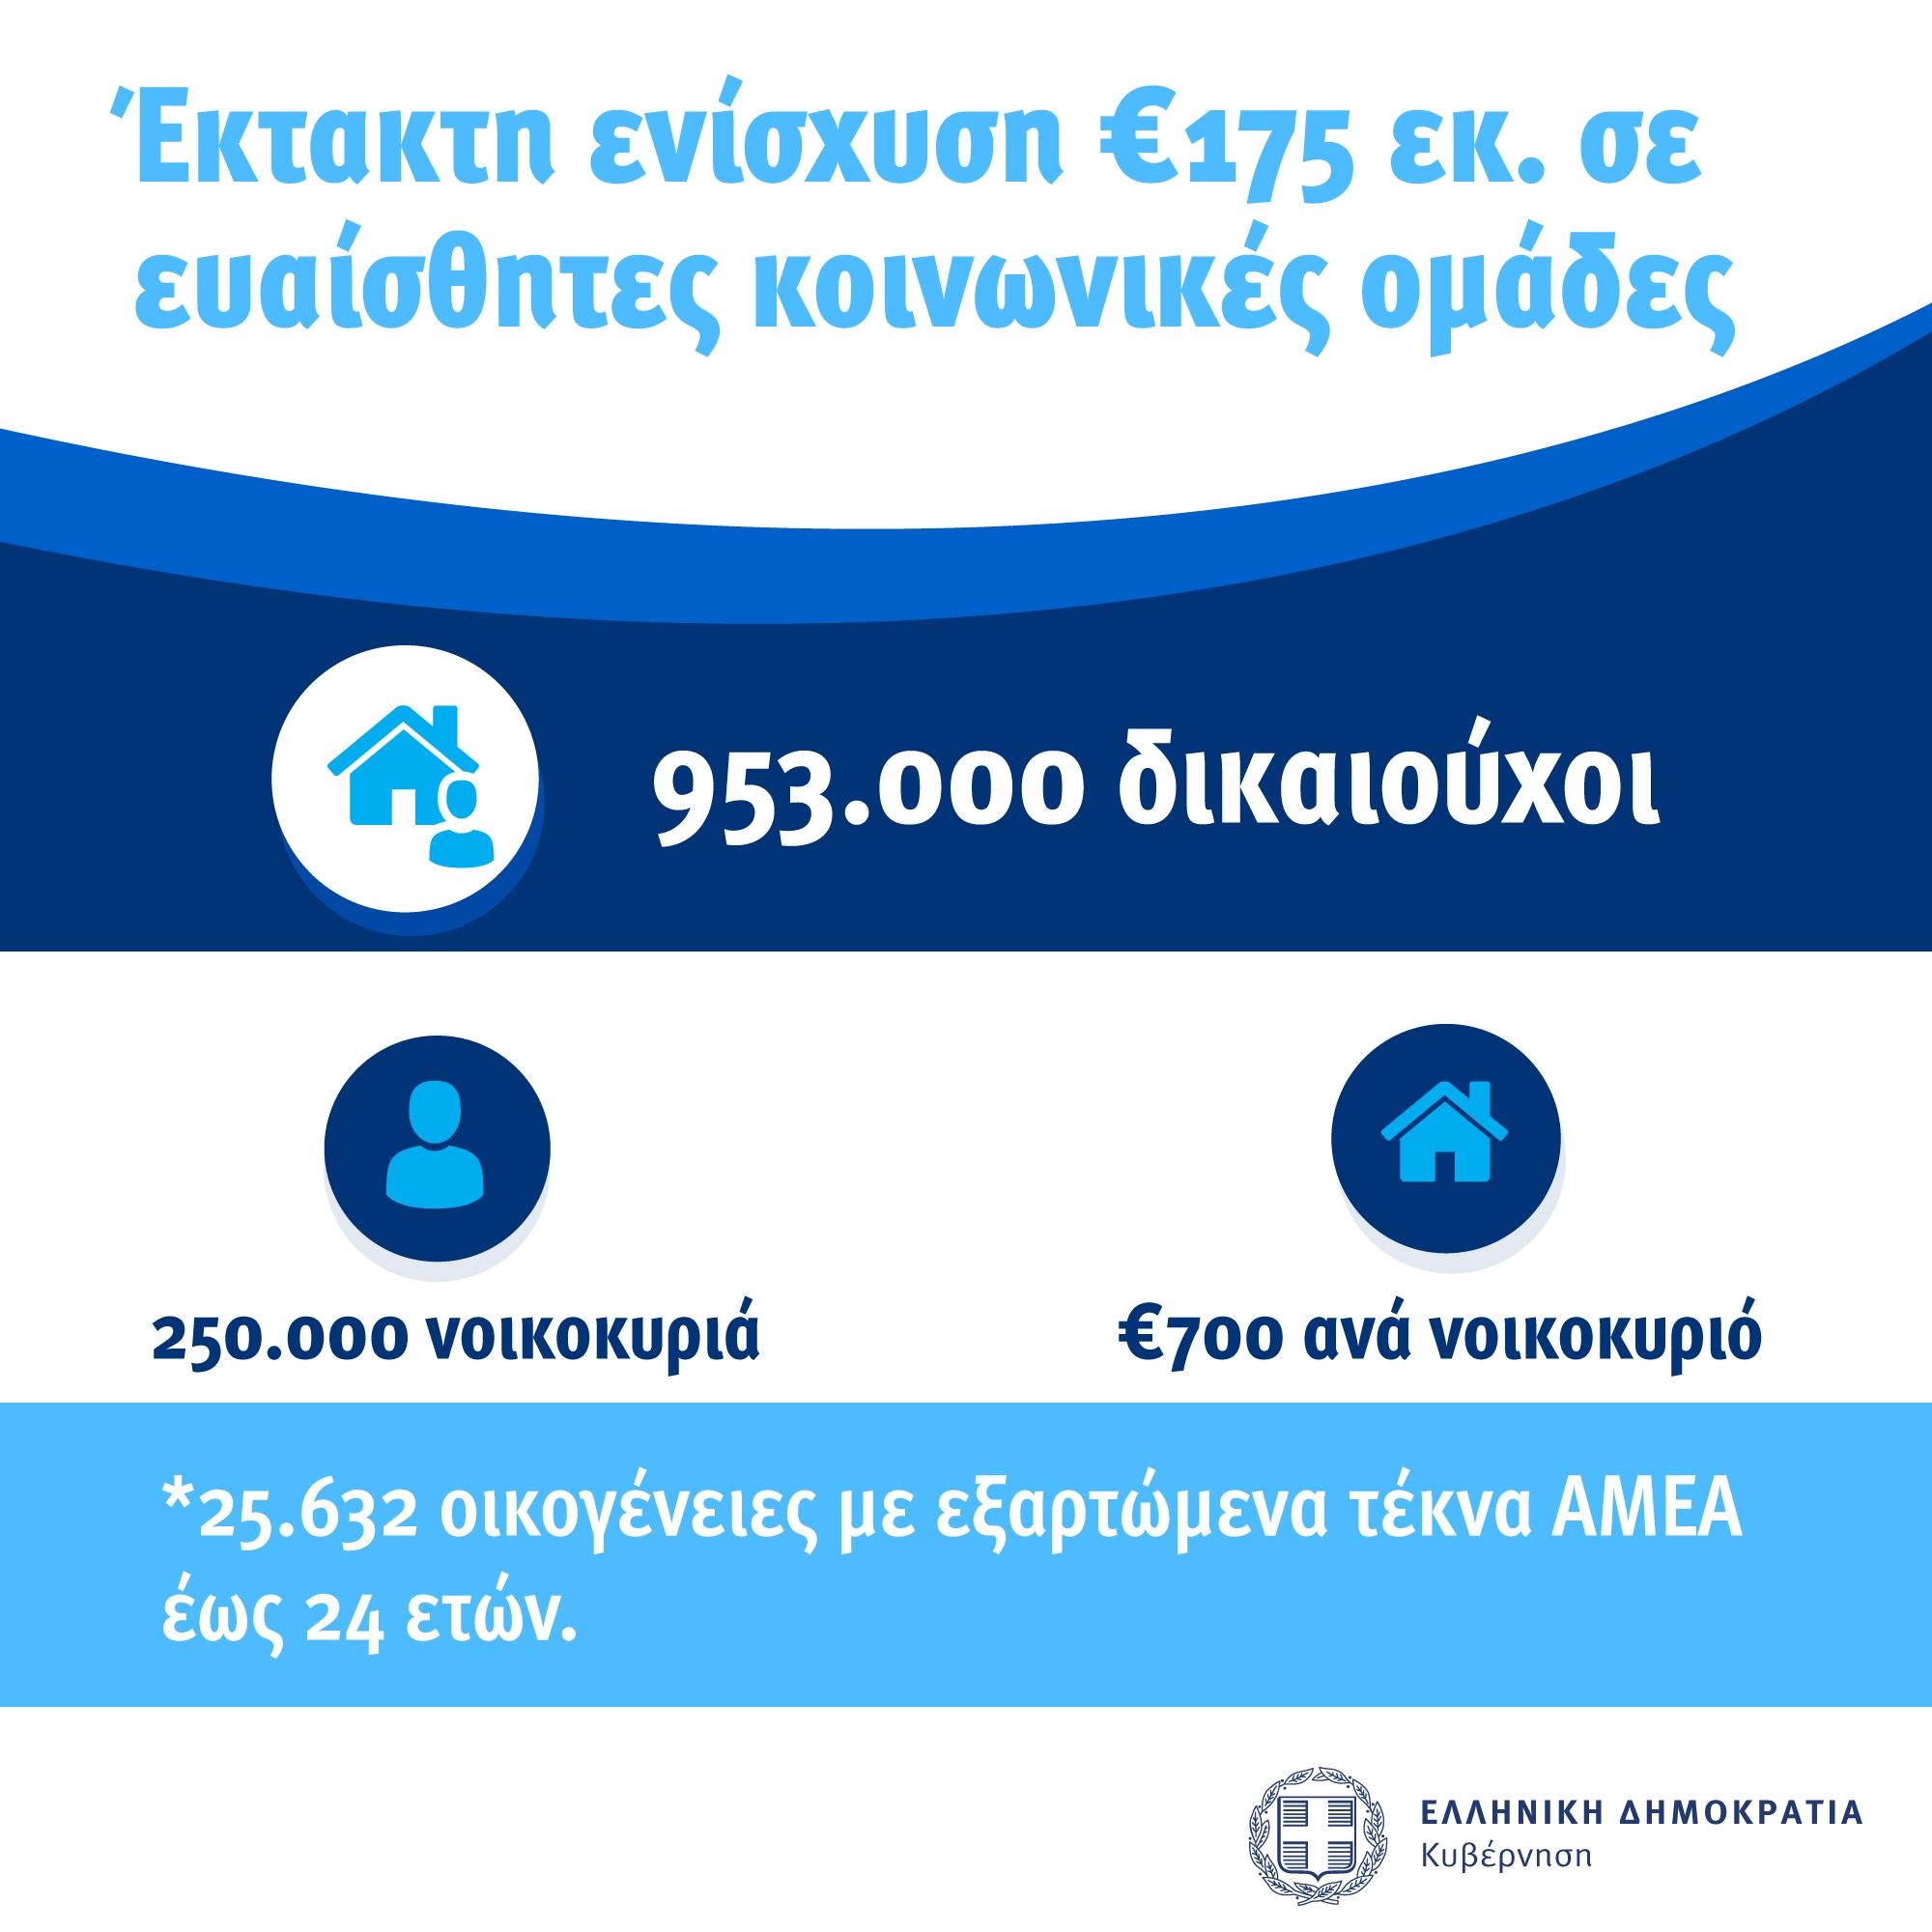 Αυτά είναι τα επίσημα στοιχεία για το κοινωνικό μερισμα που δίνει η κυβέρνηση Μητσοτακη.